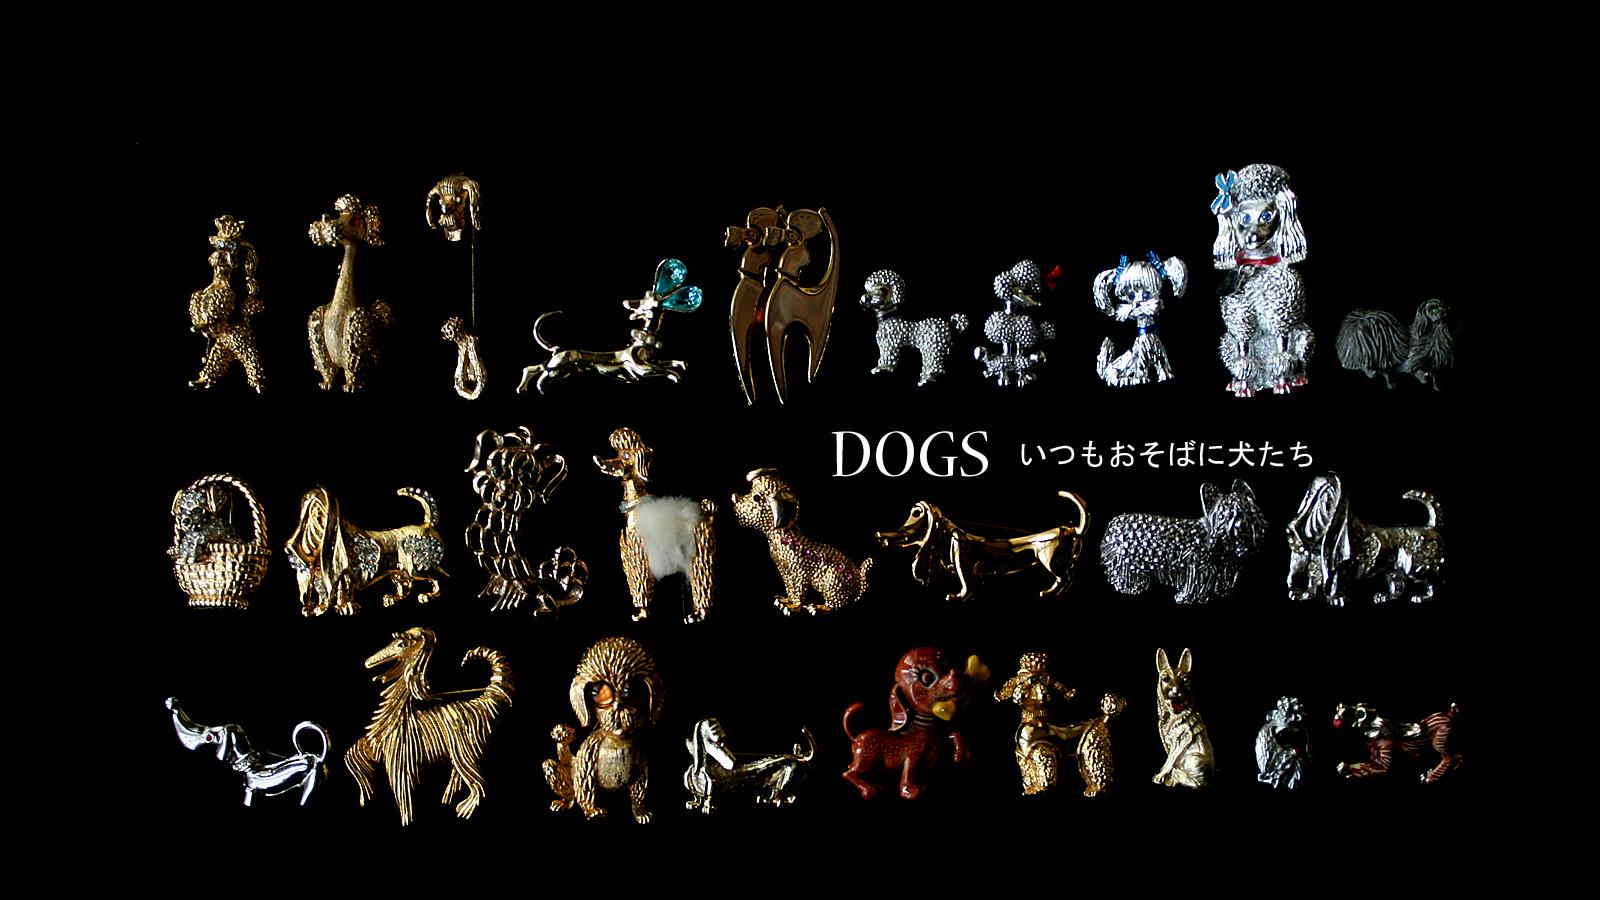 犬 動物 イヌ